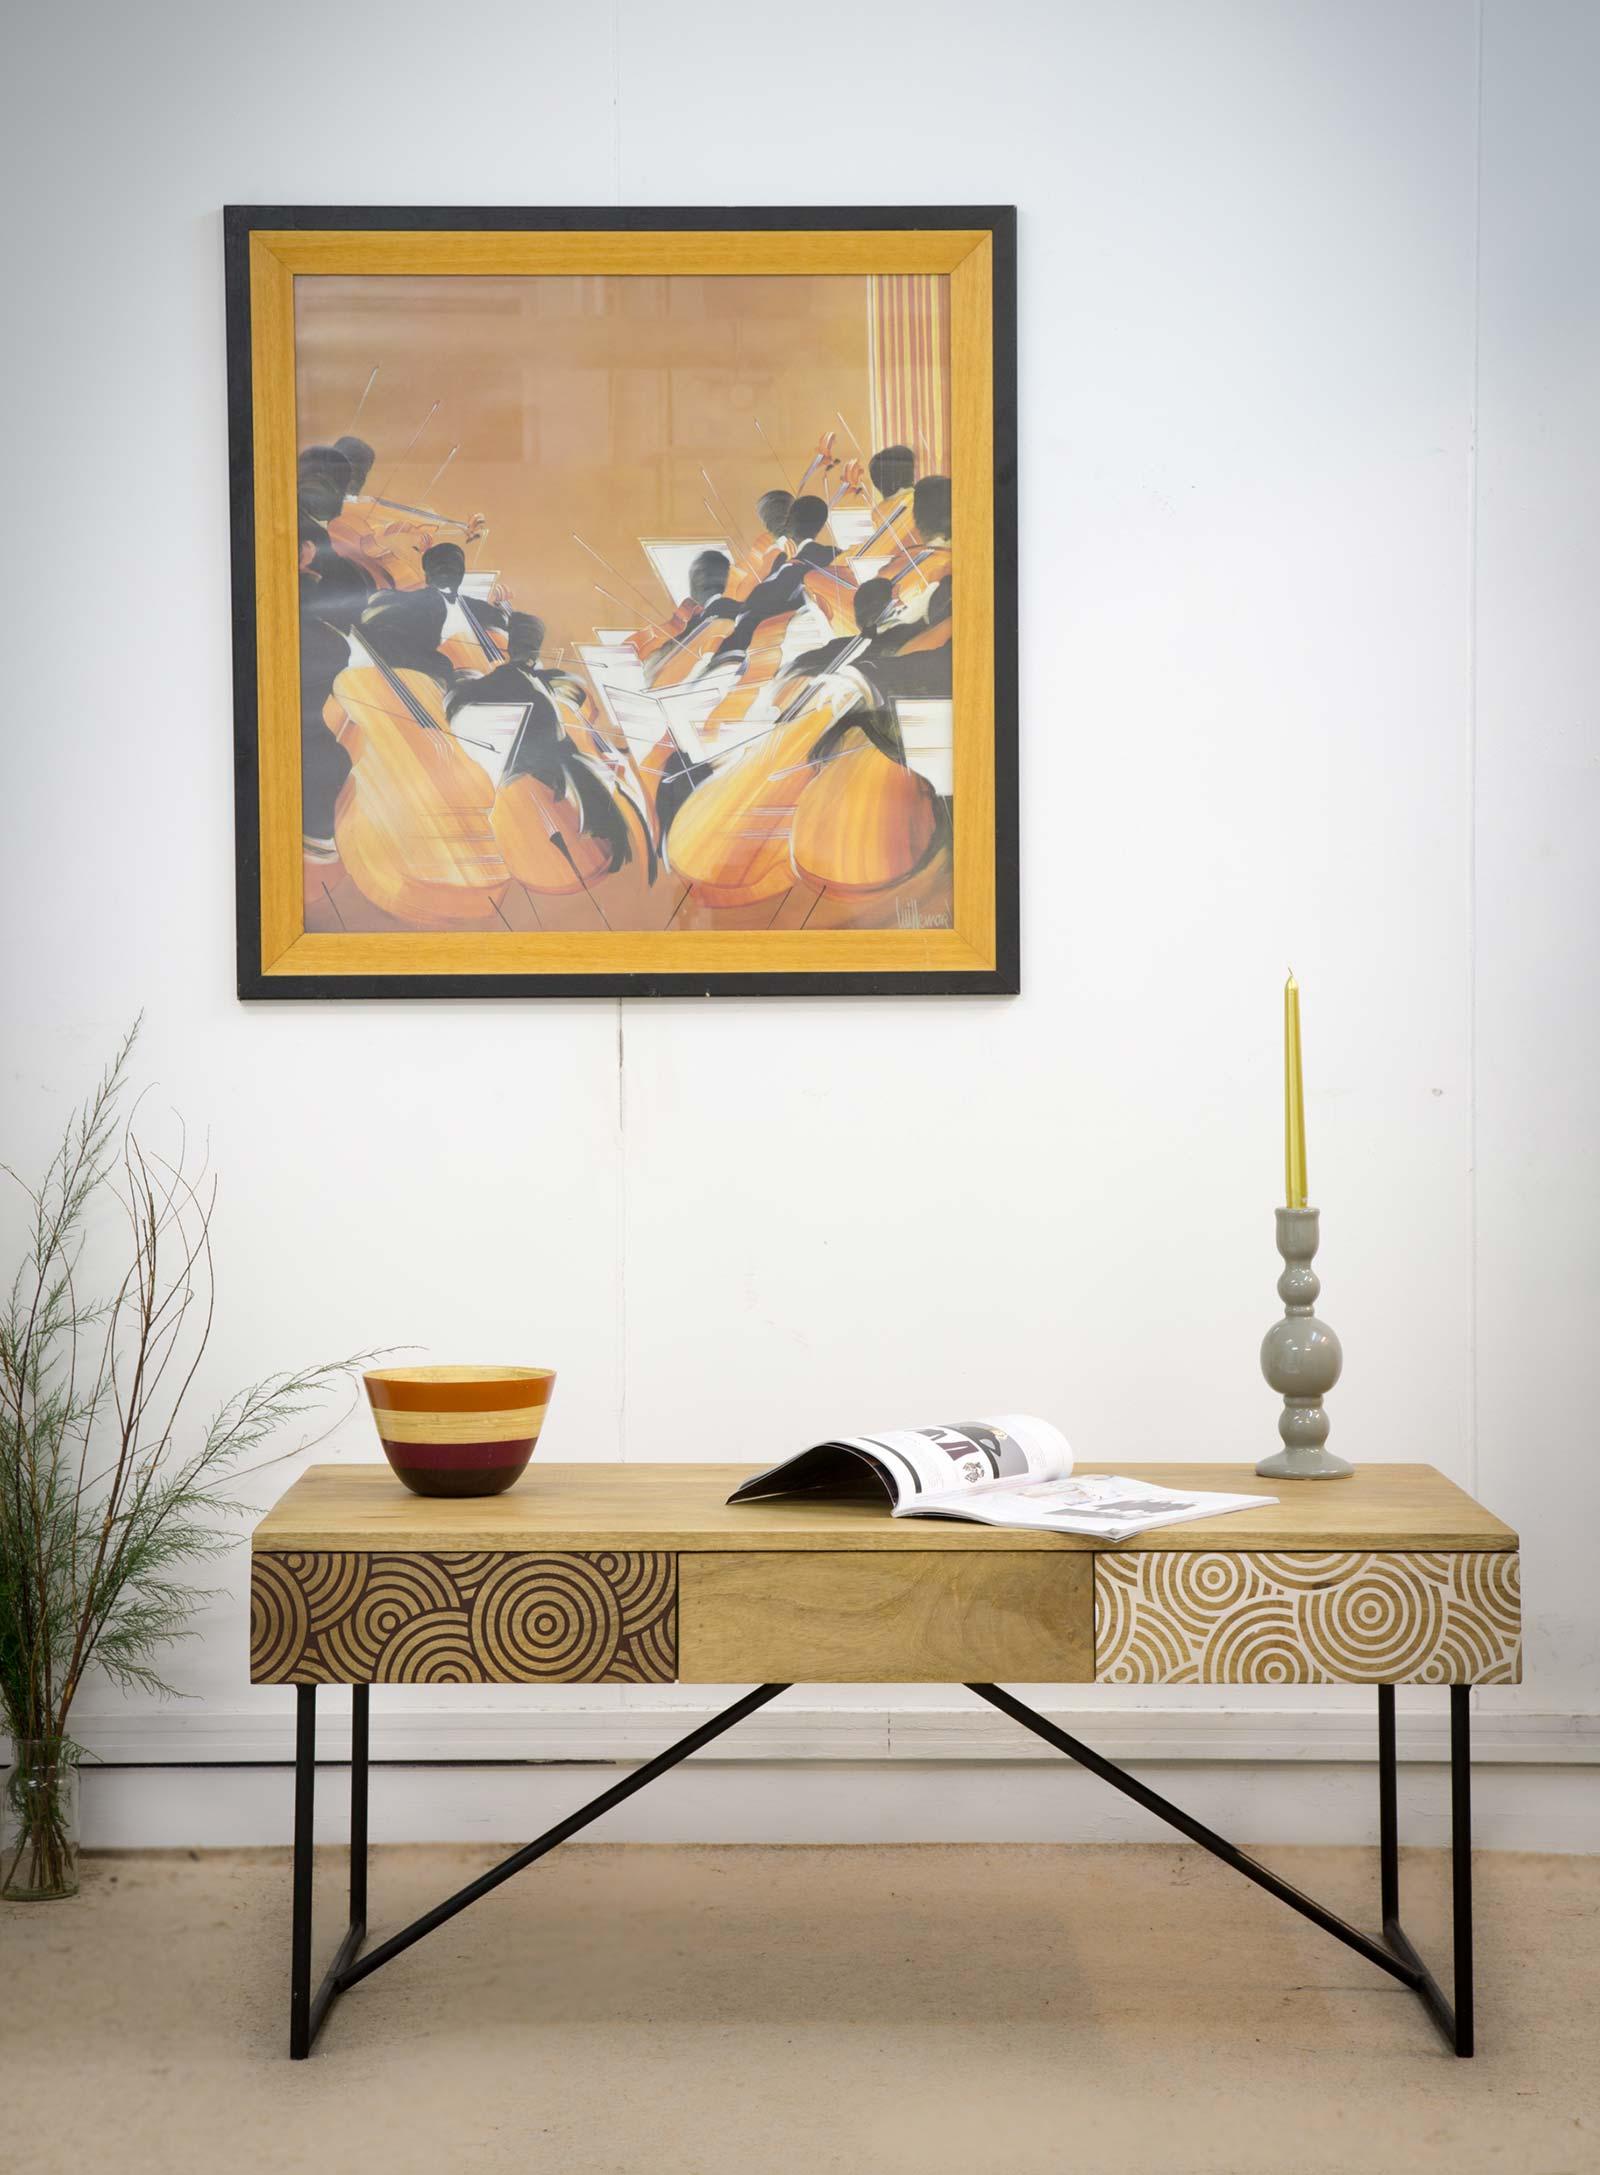 Table basse avec motifs graphiques - Deco table basse salon ...